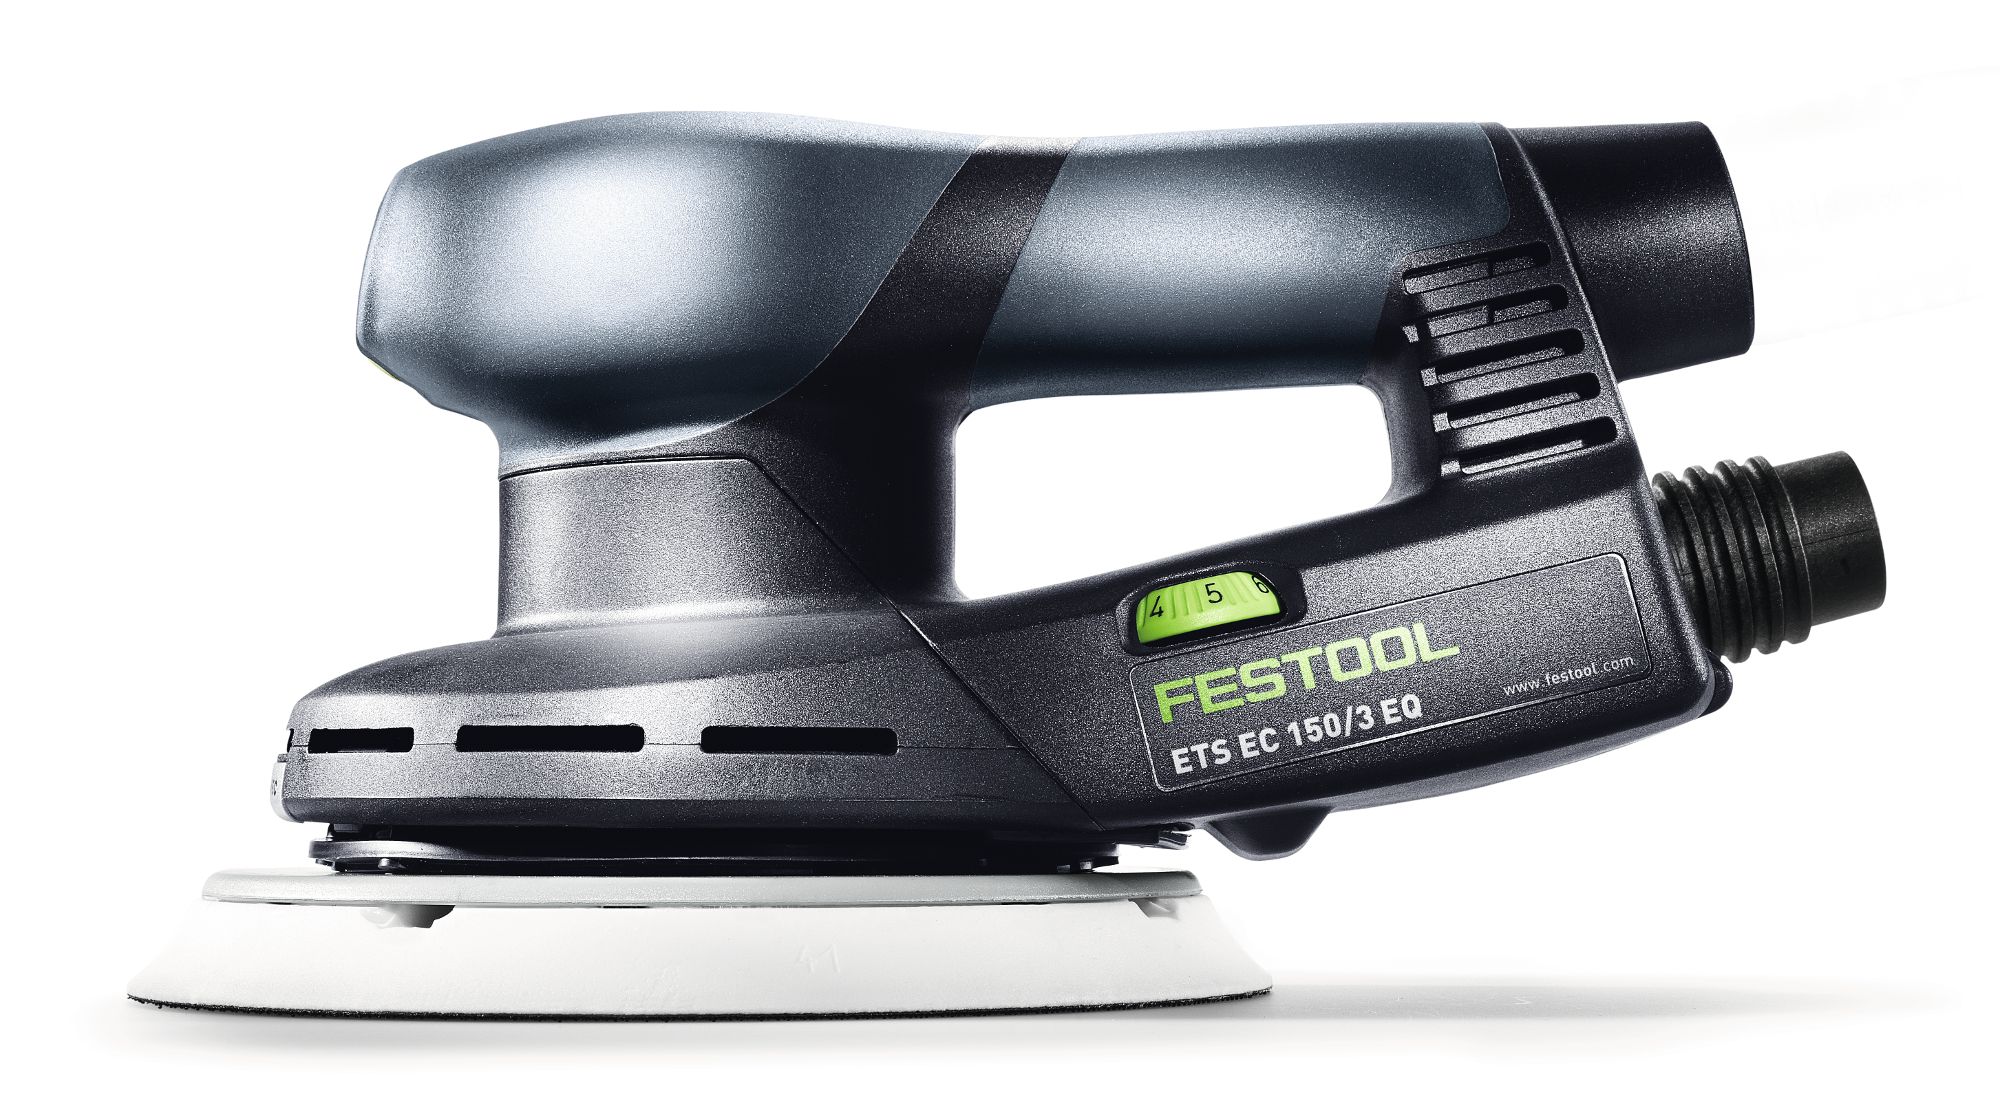 Festool - ETS EC 150